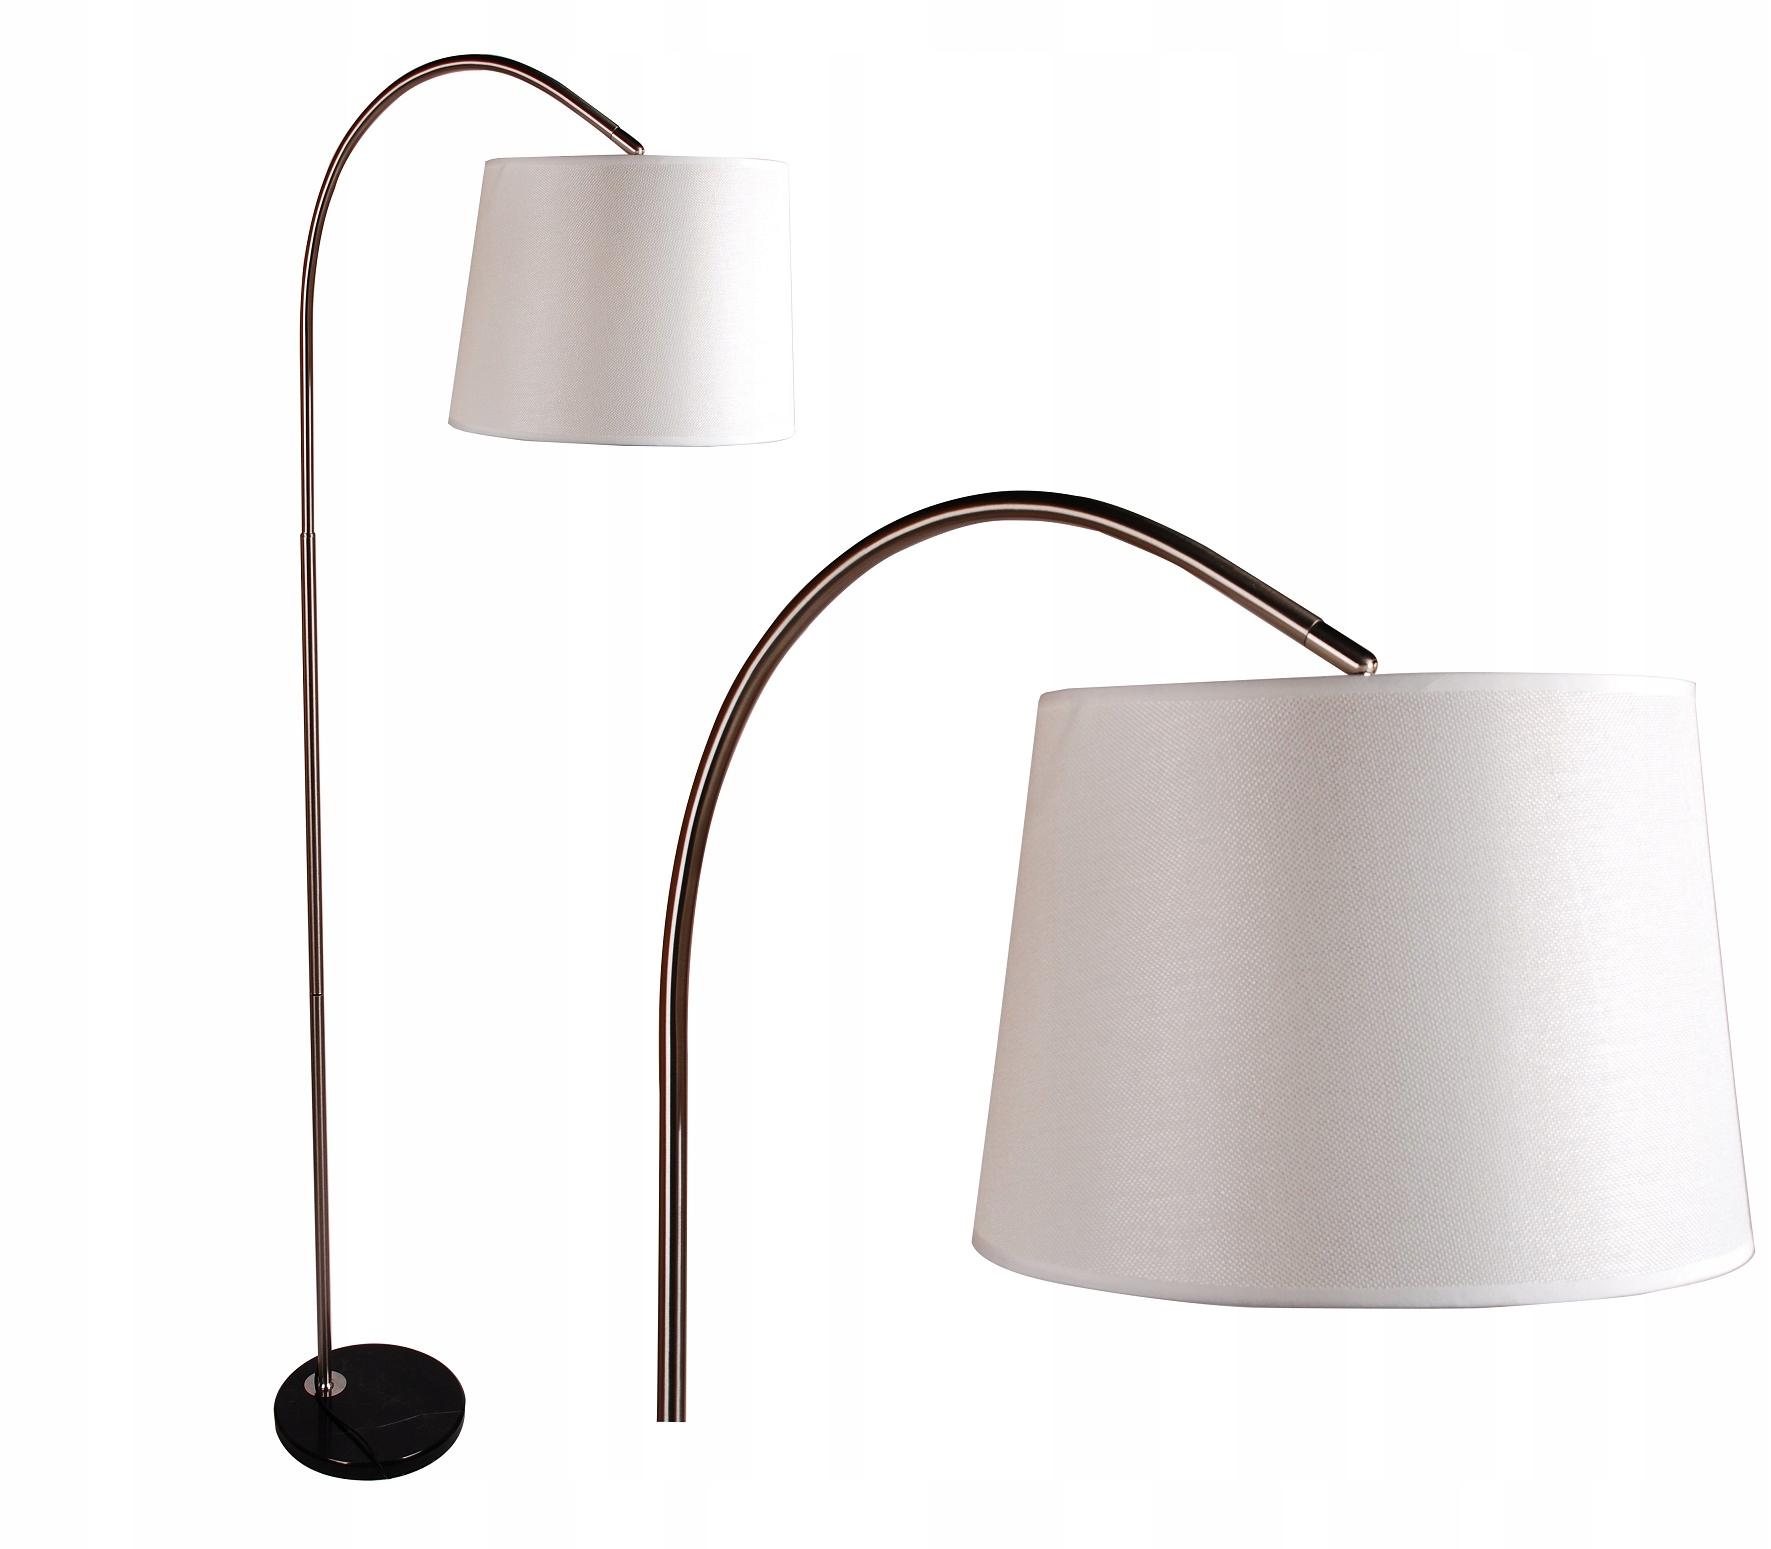 Lampa Podłogowa Stojąca Super Jakość Do Salonu 7133305690